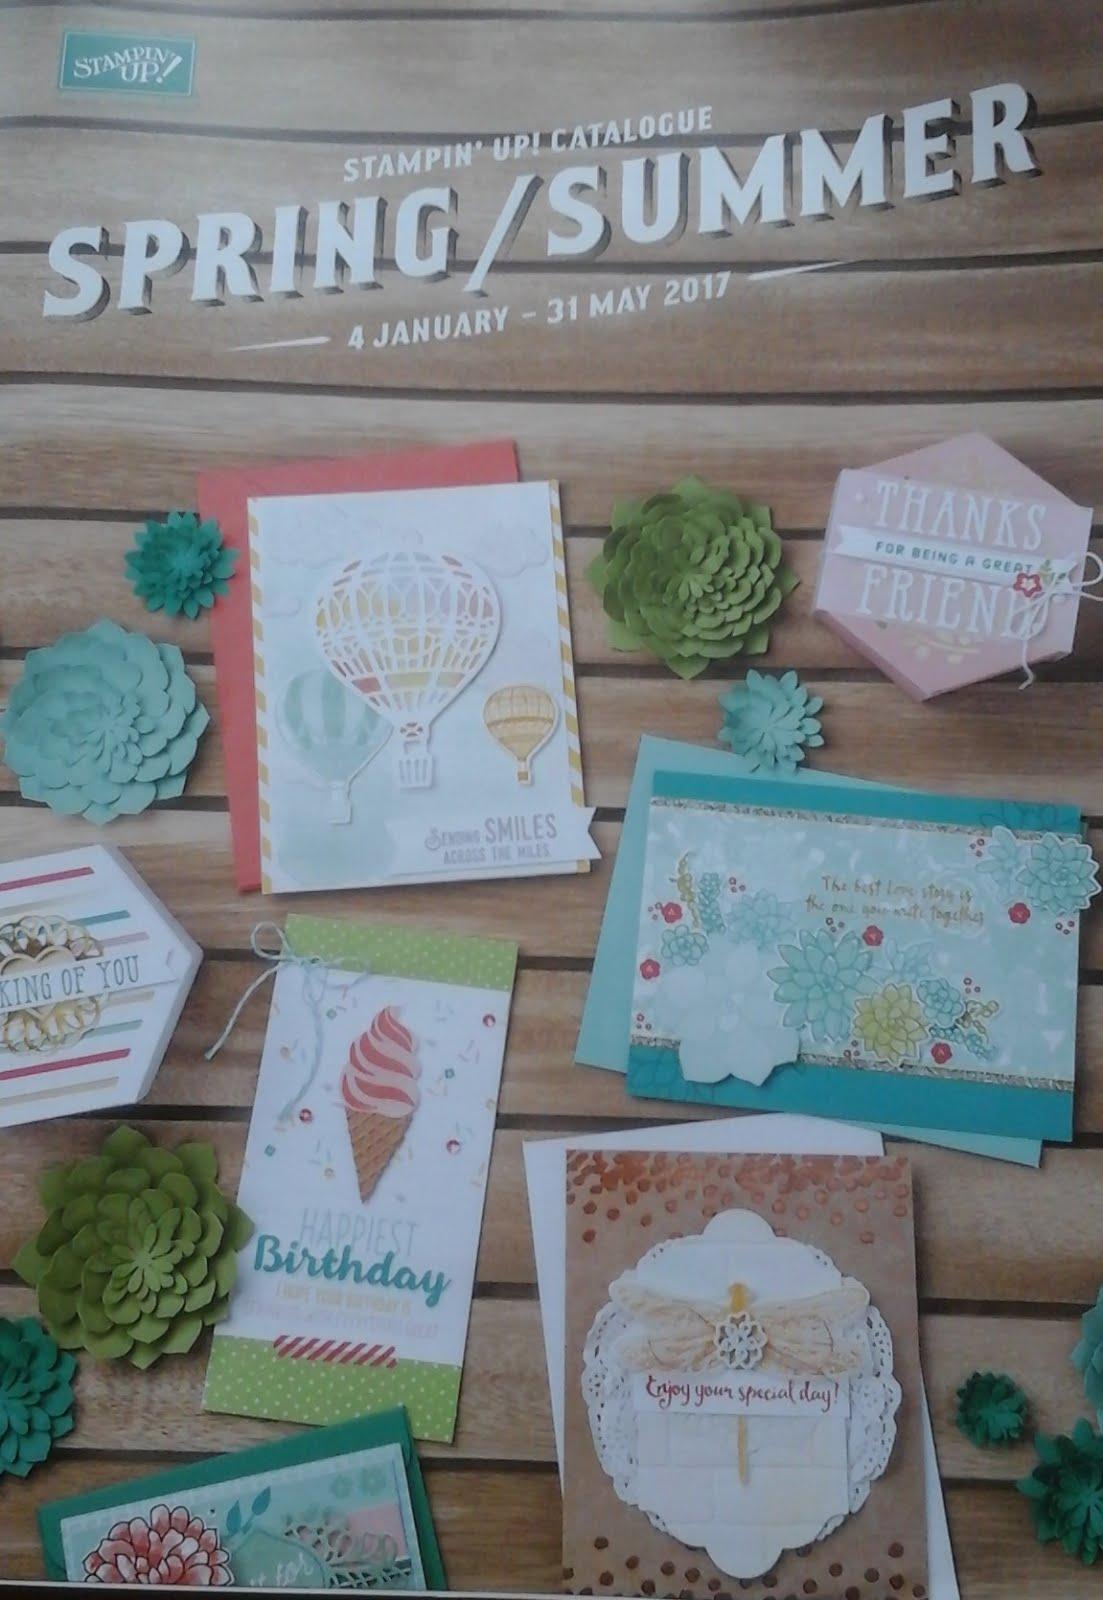 voorjaar-zomer catalogus